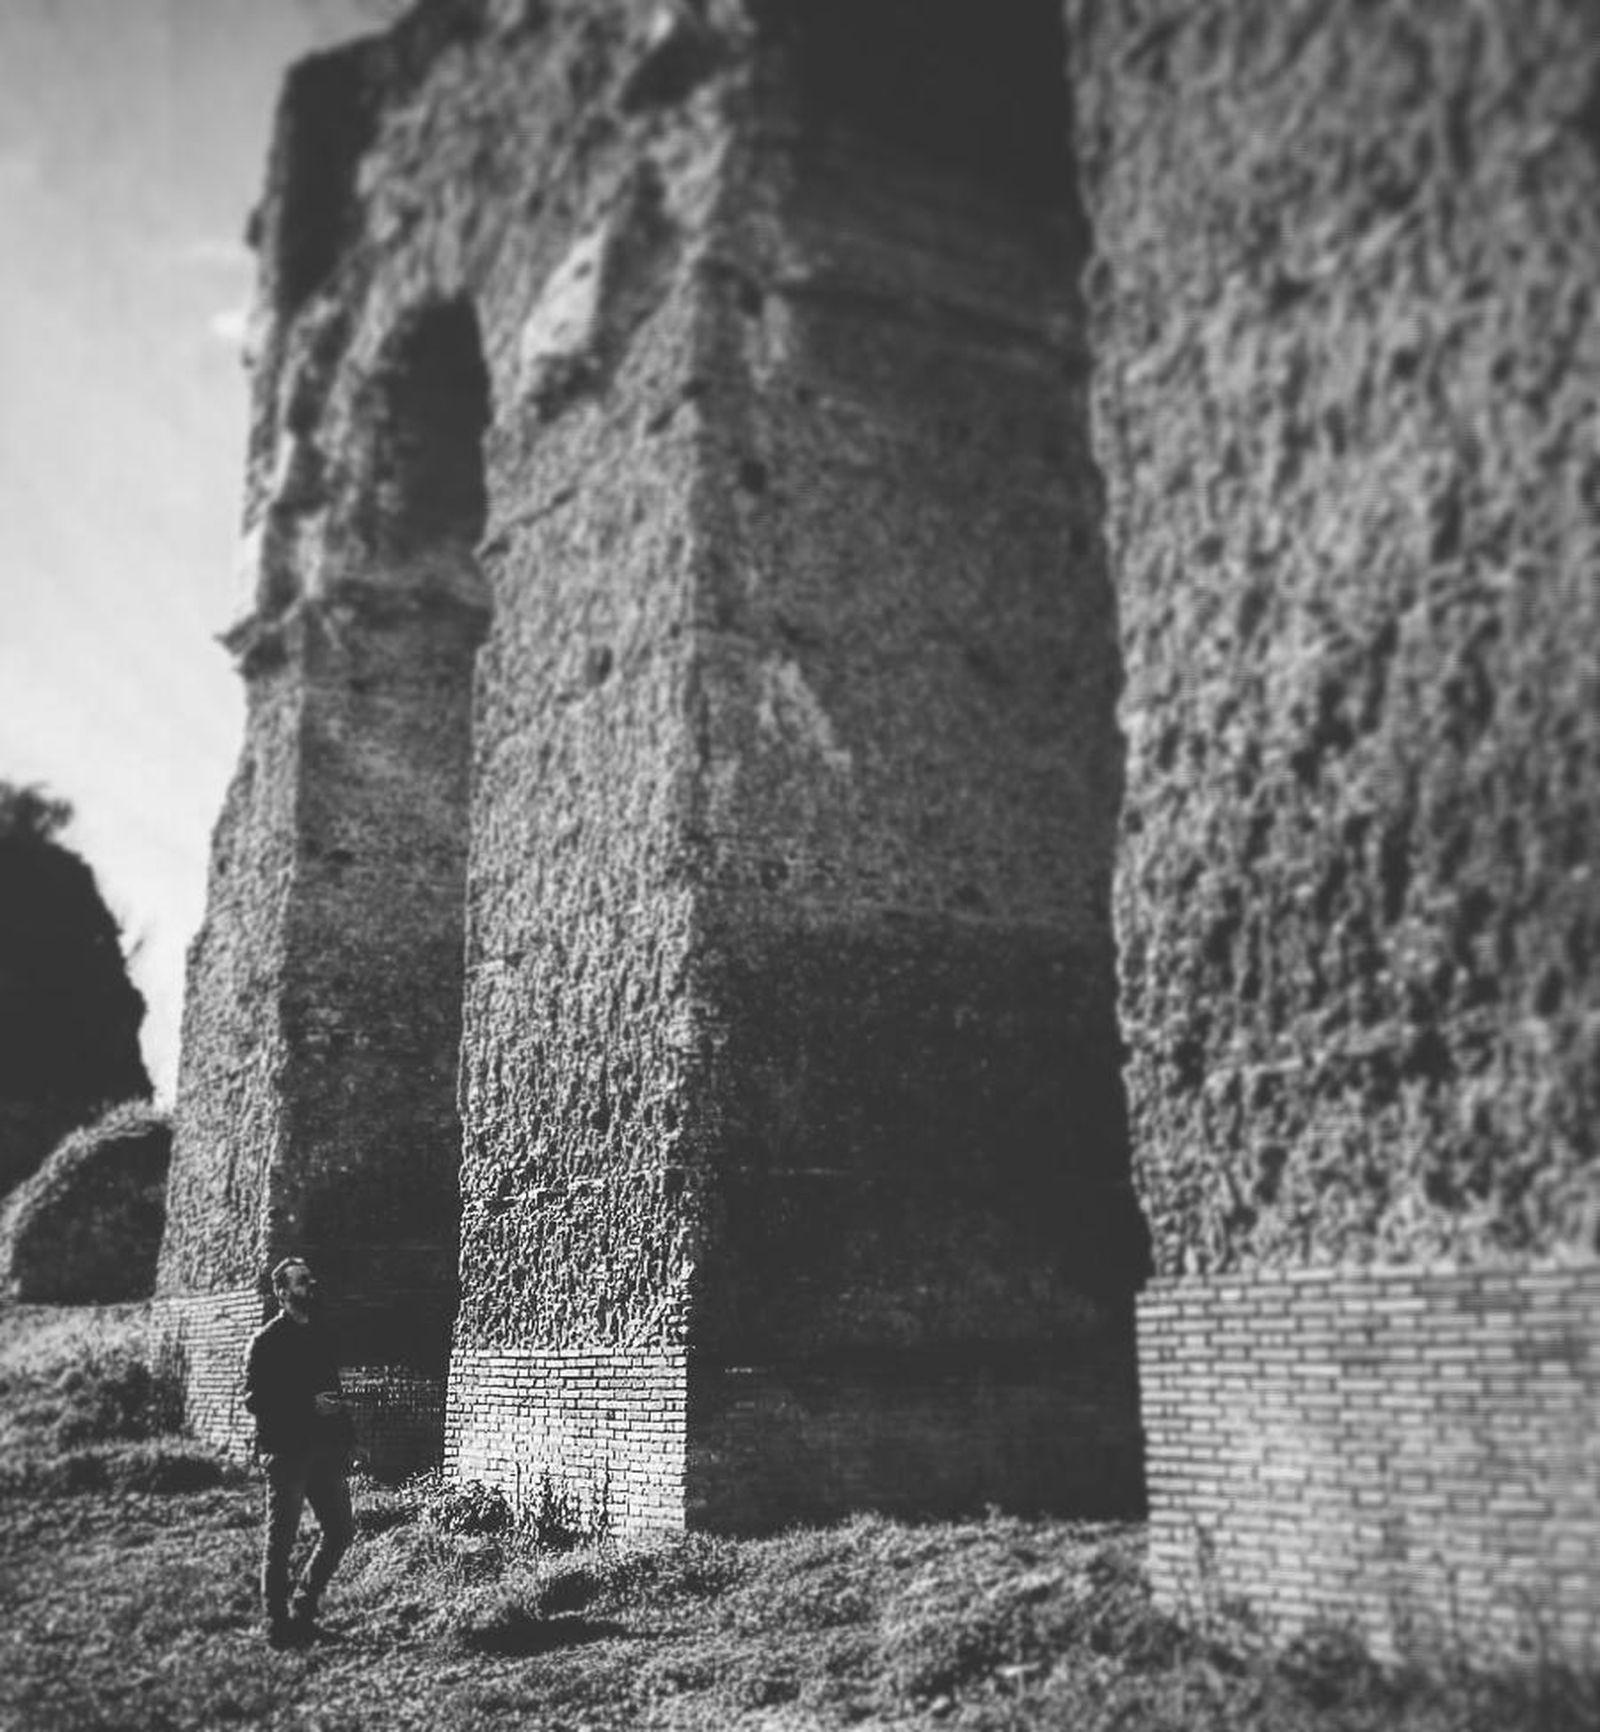 Italy Italia Architecture History Rome Roma Sky Castel Madama Ancient Ancient Architecture Ancient History Ancient Roman Acquedotto Acquedotto Romano Anio Novus Arches Me Blackandwhite